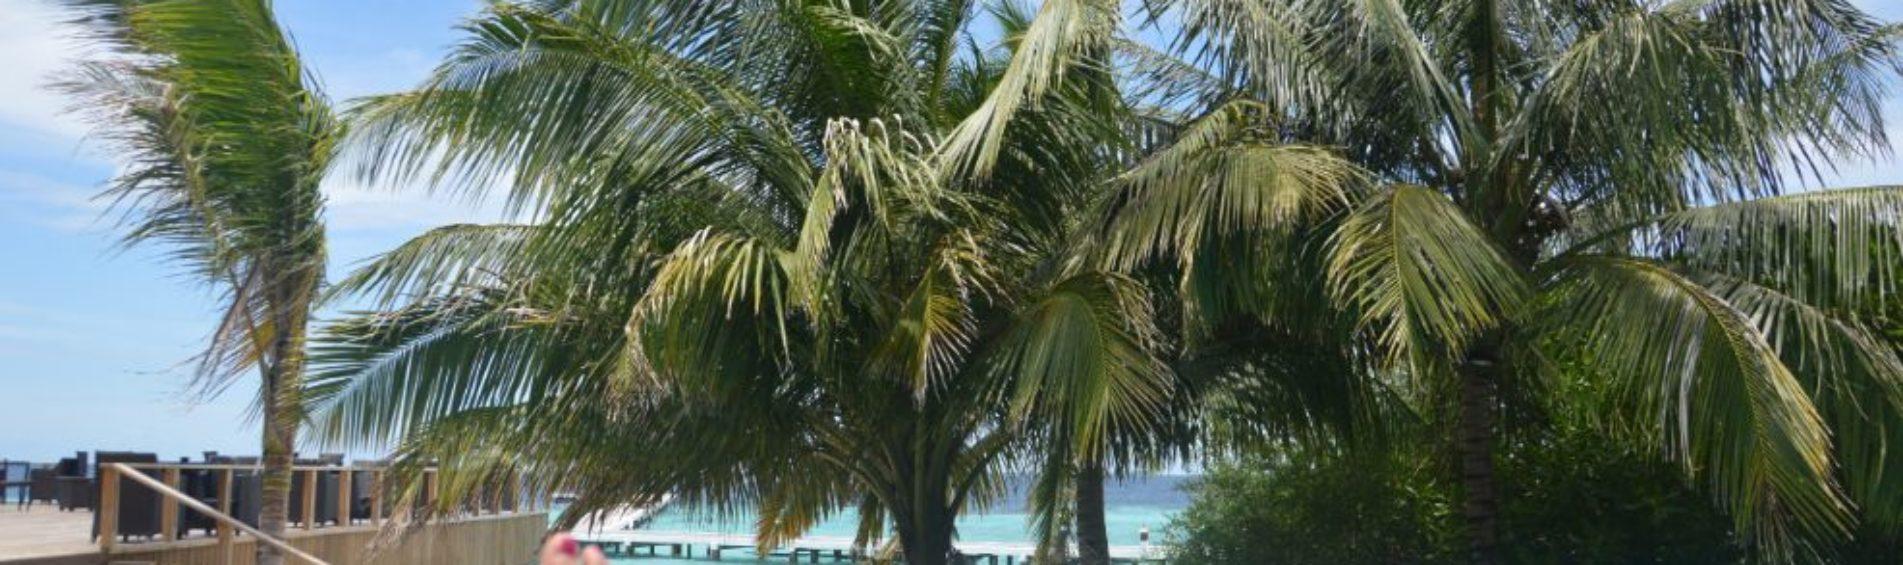 Tips voor de Malediven on a budget